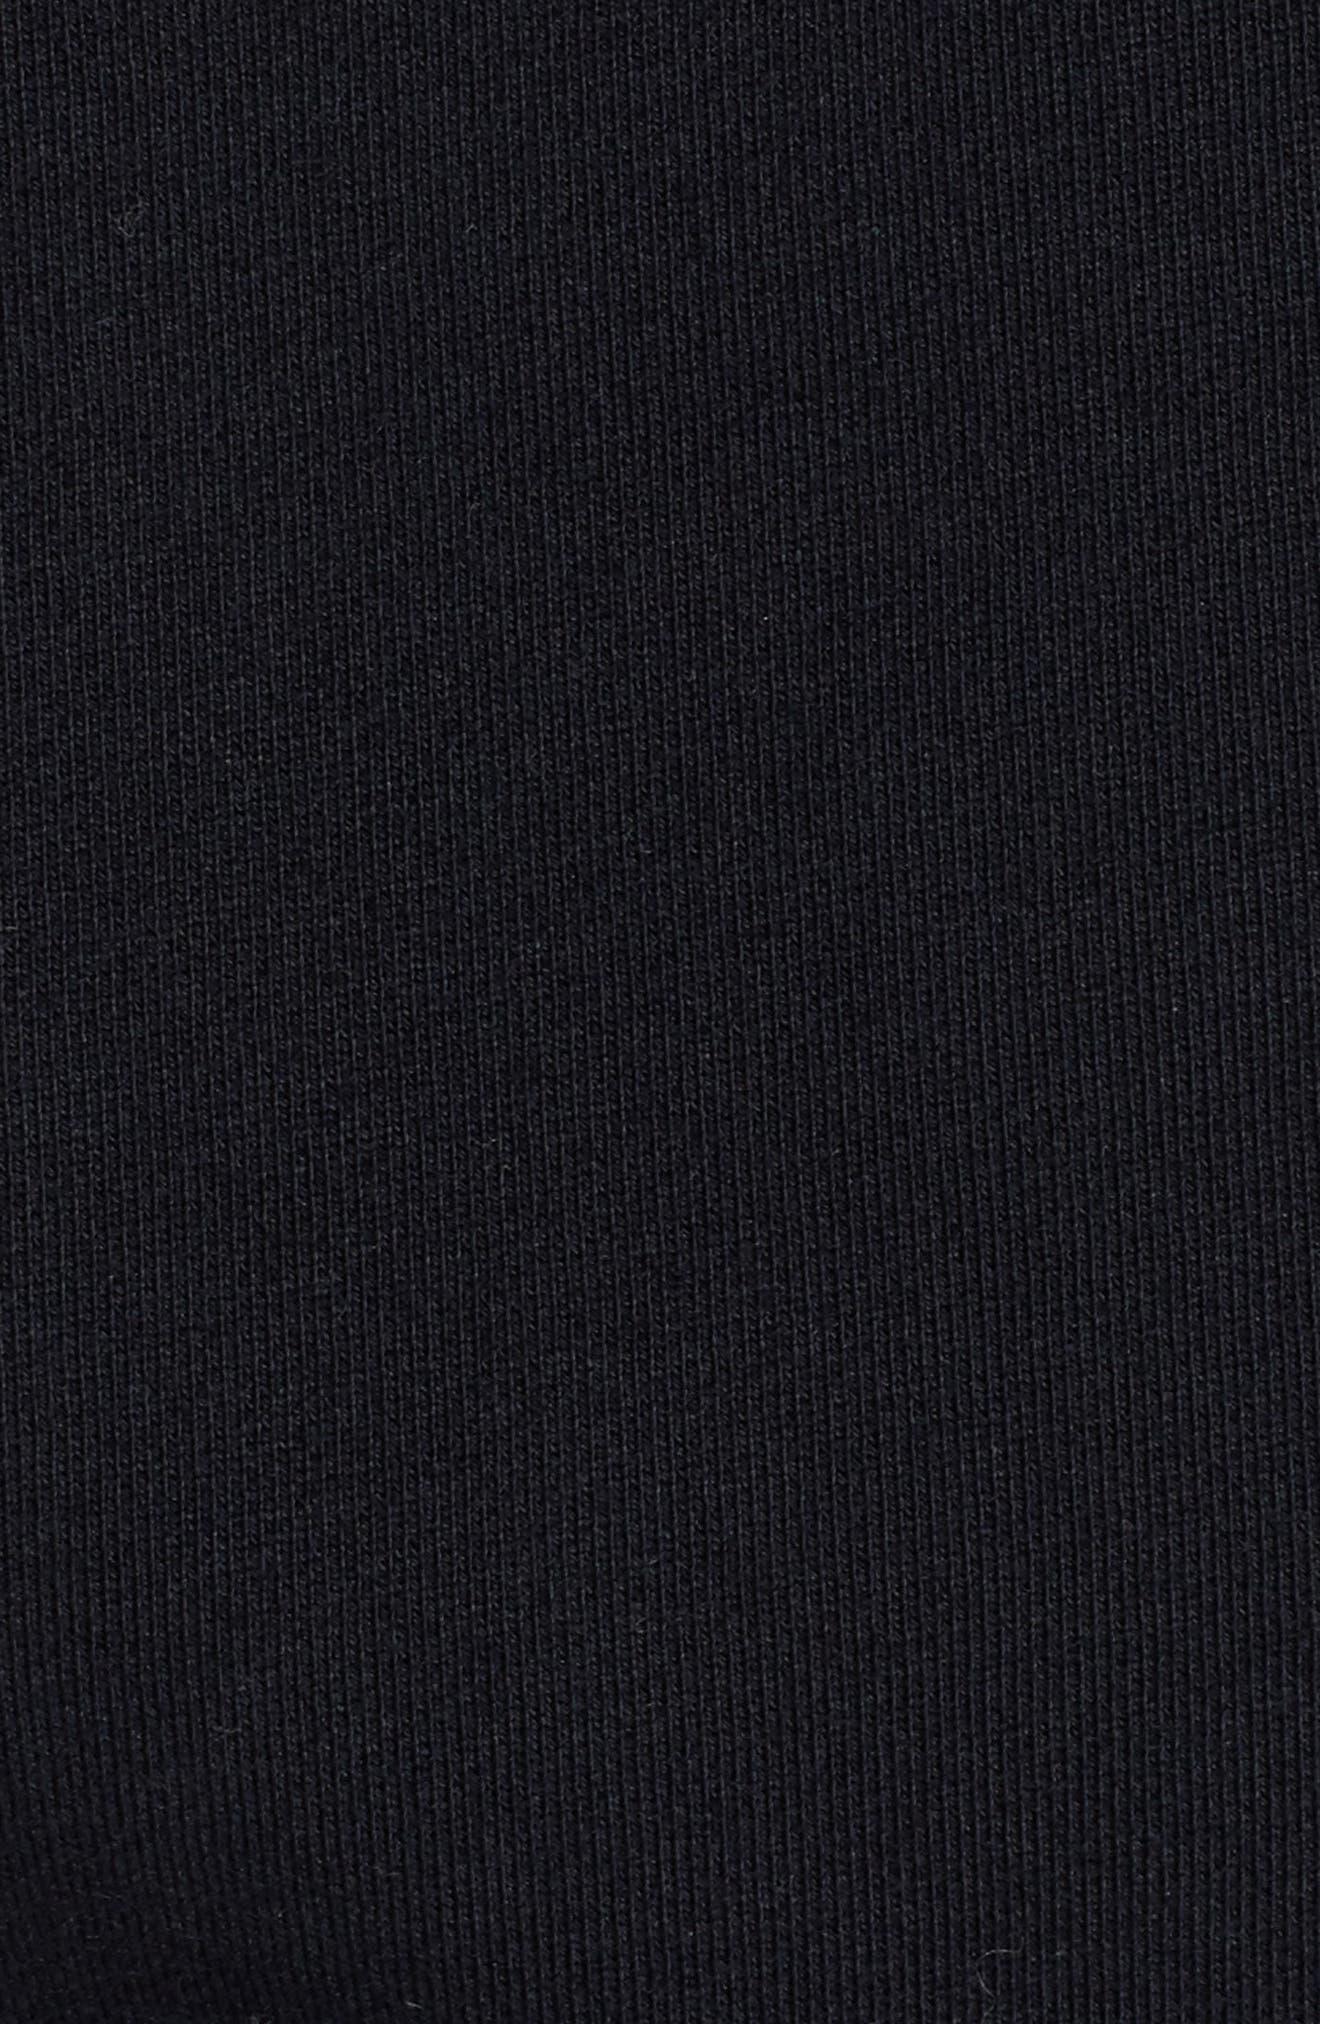 Cutoff Short Sleeve Hoodie,                             Alternate thumbnail 5, color,                             Black